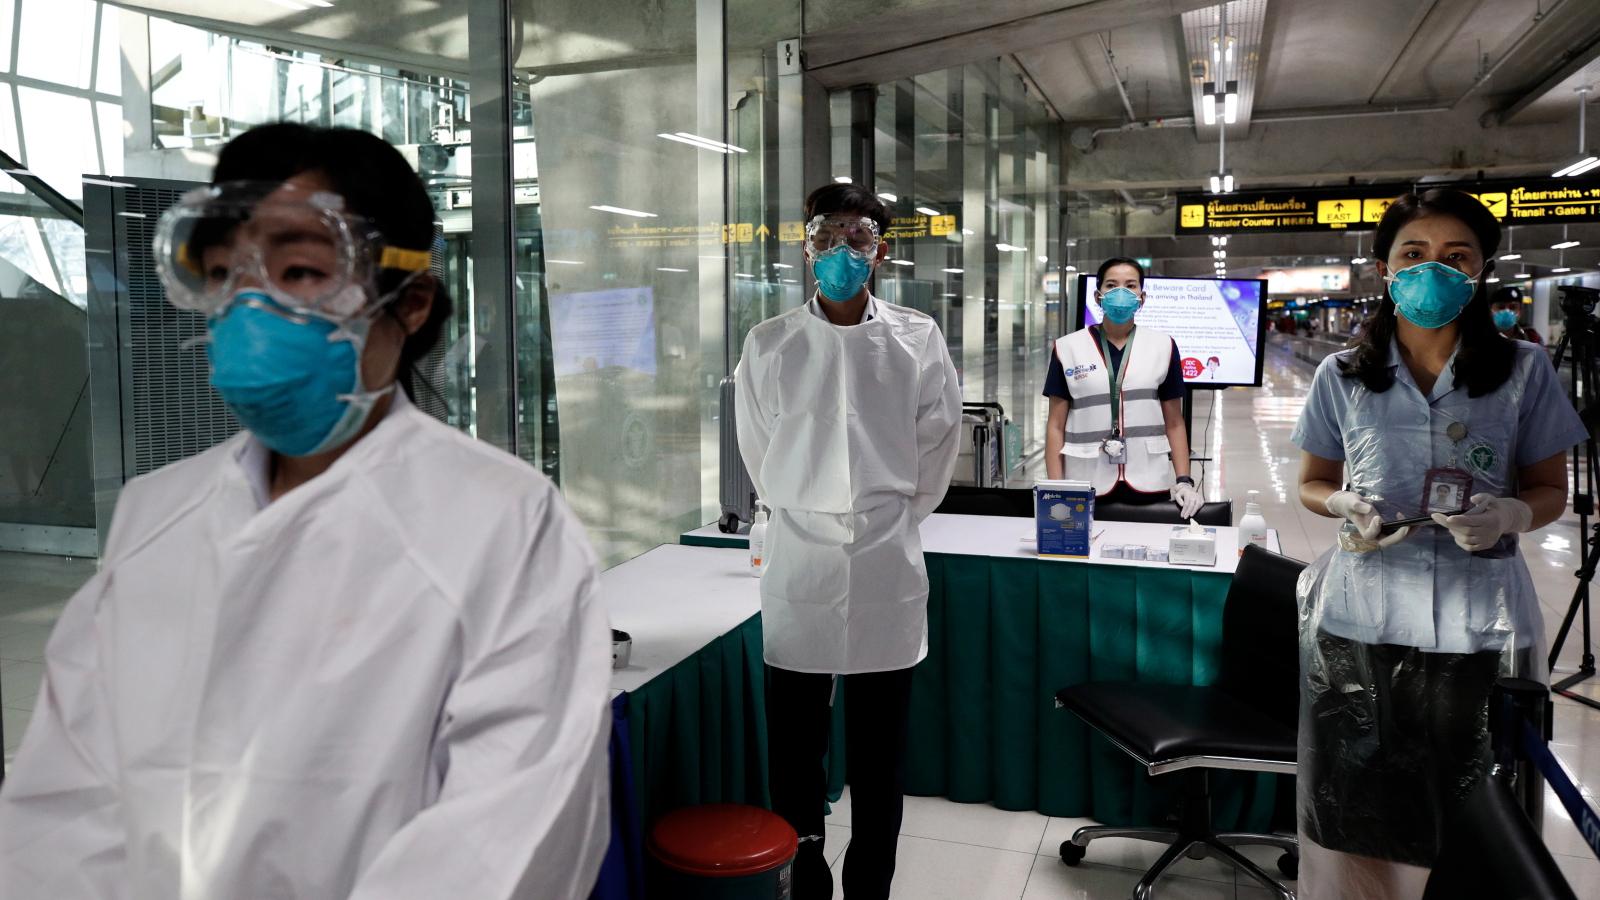 Groźny koronawirus z Chin. Utrudnienia dla milionów pasażerów